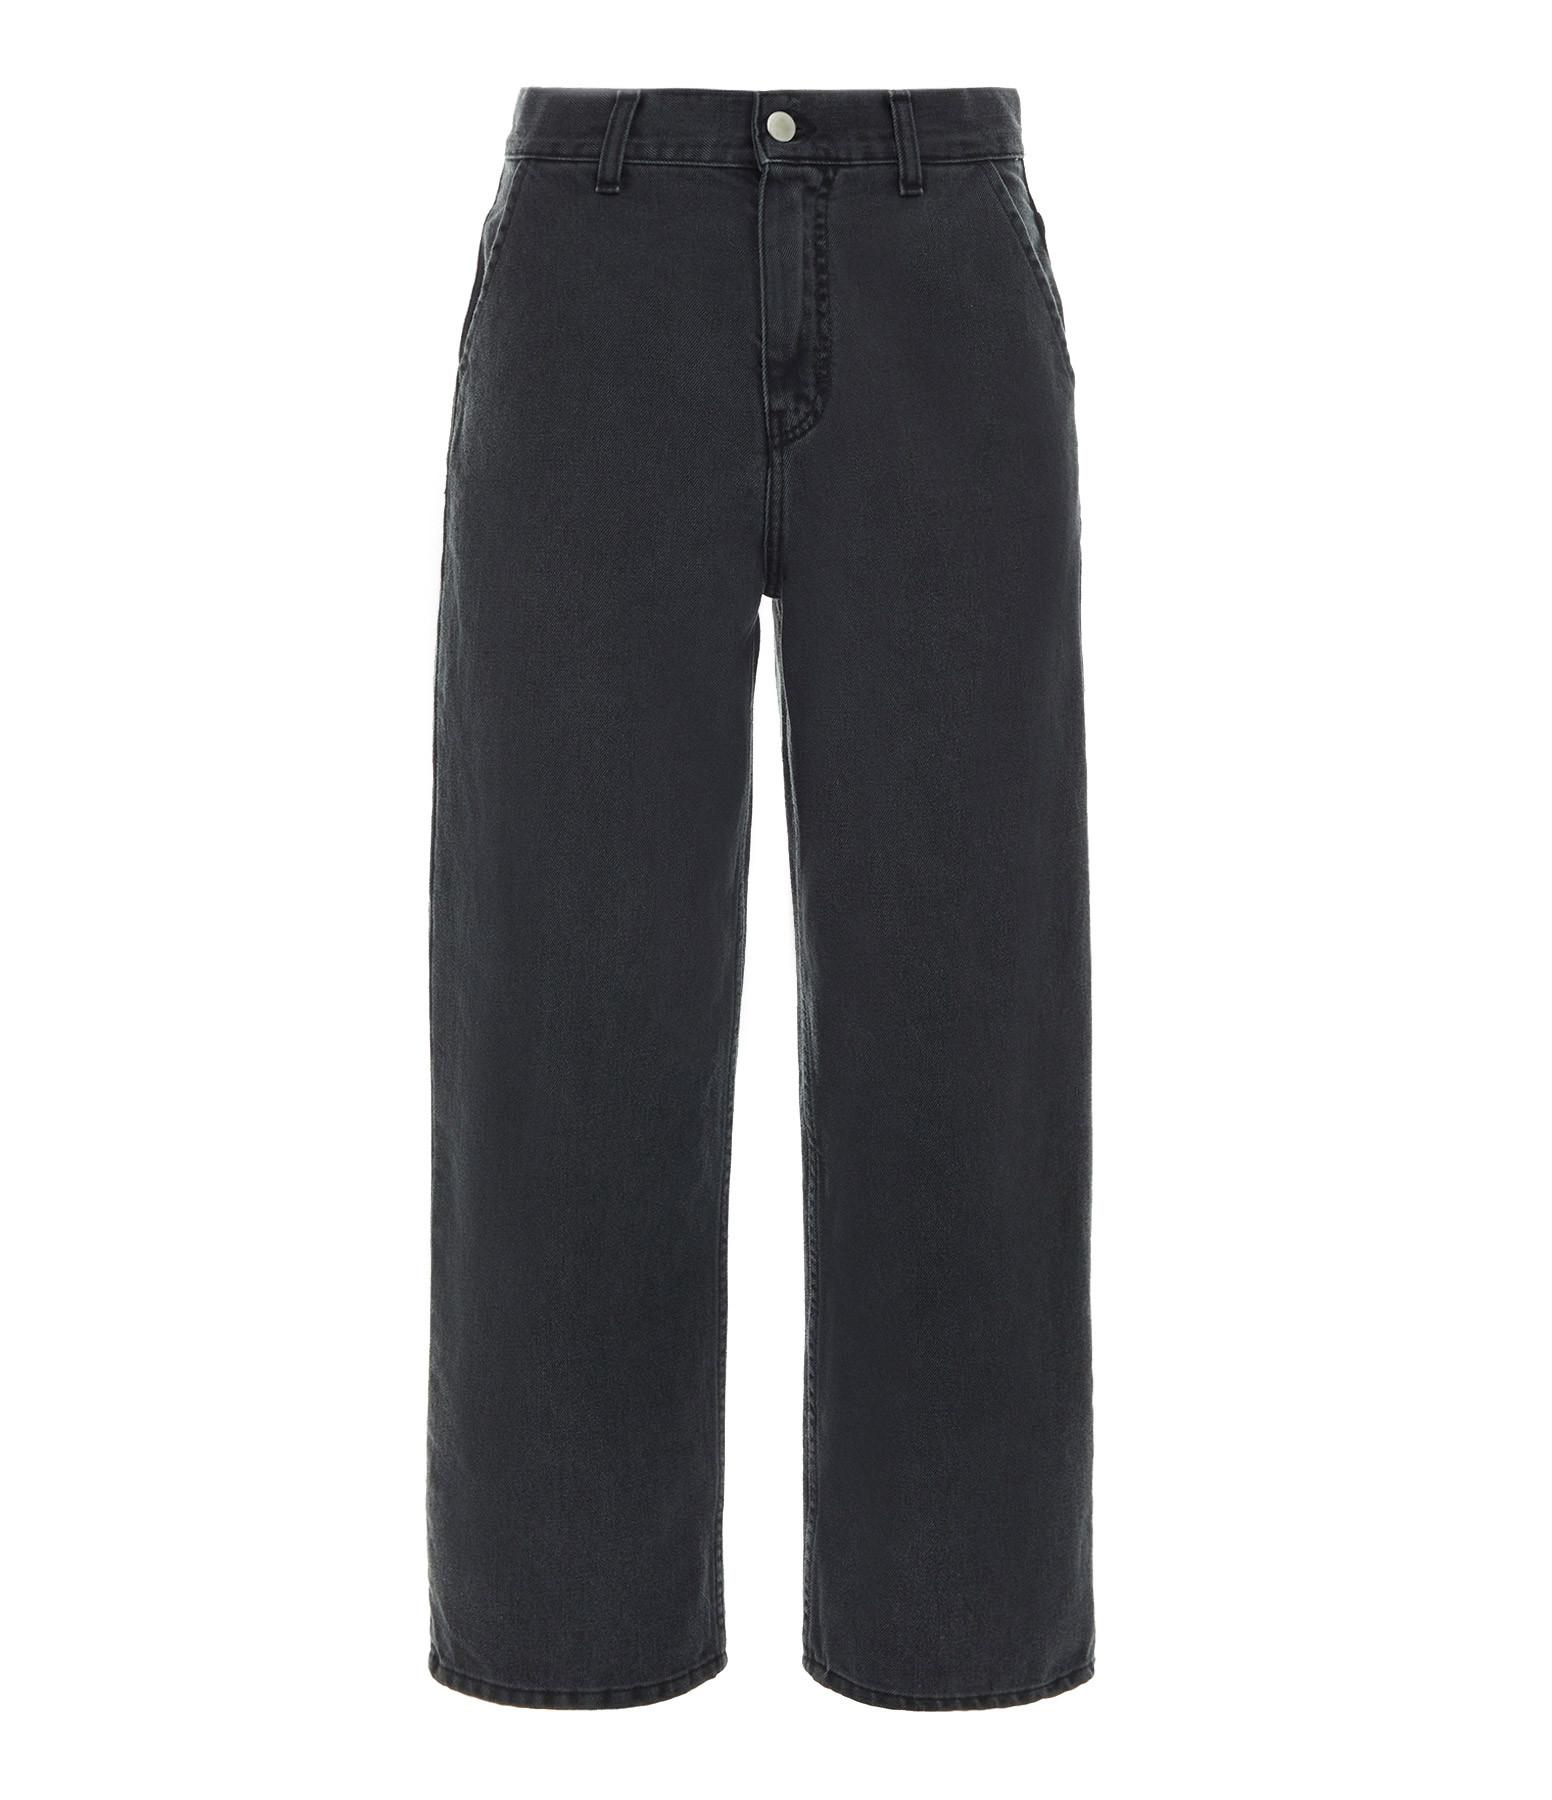 MARGAUX LONNBERG - Pantalon Clifford Noir Délavé